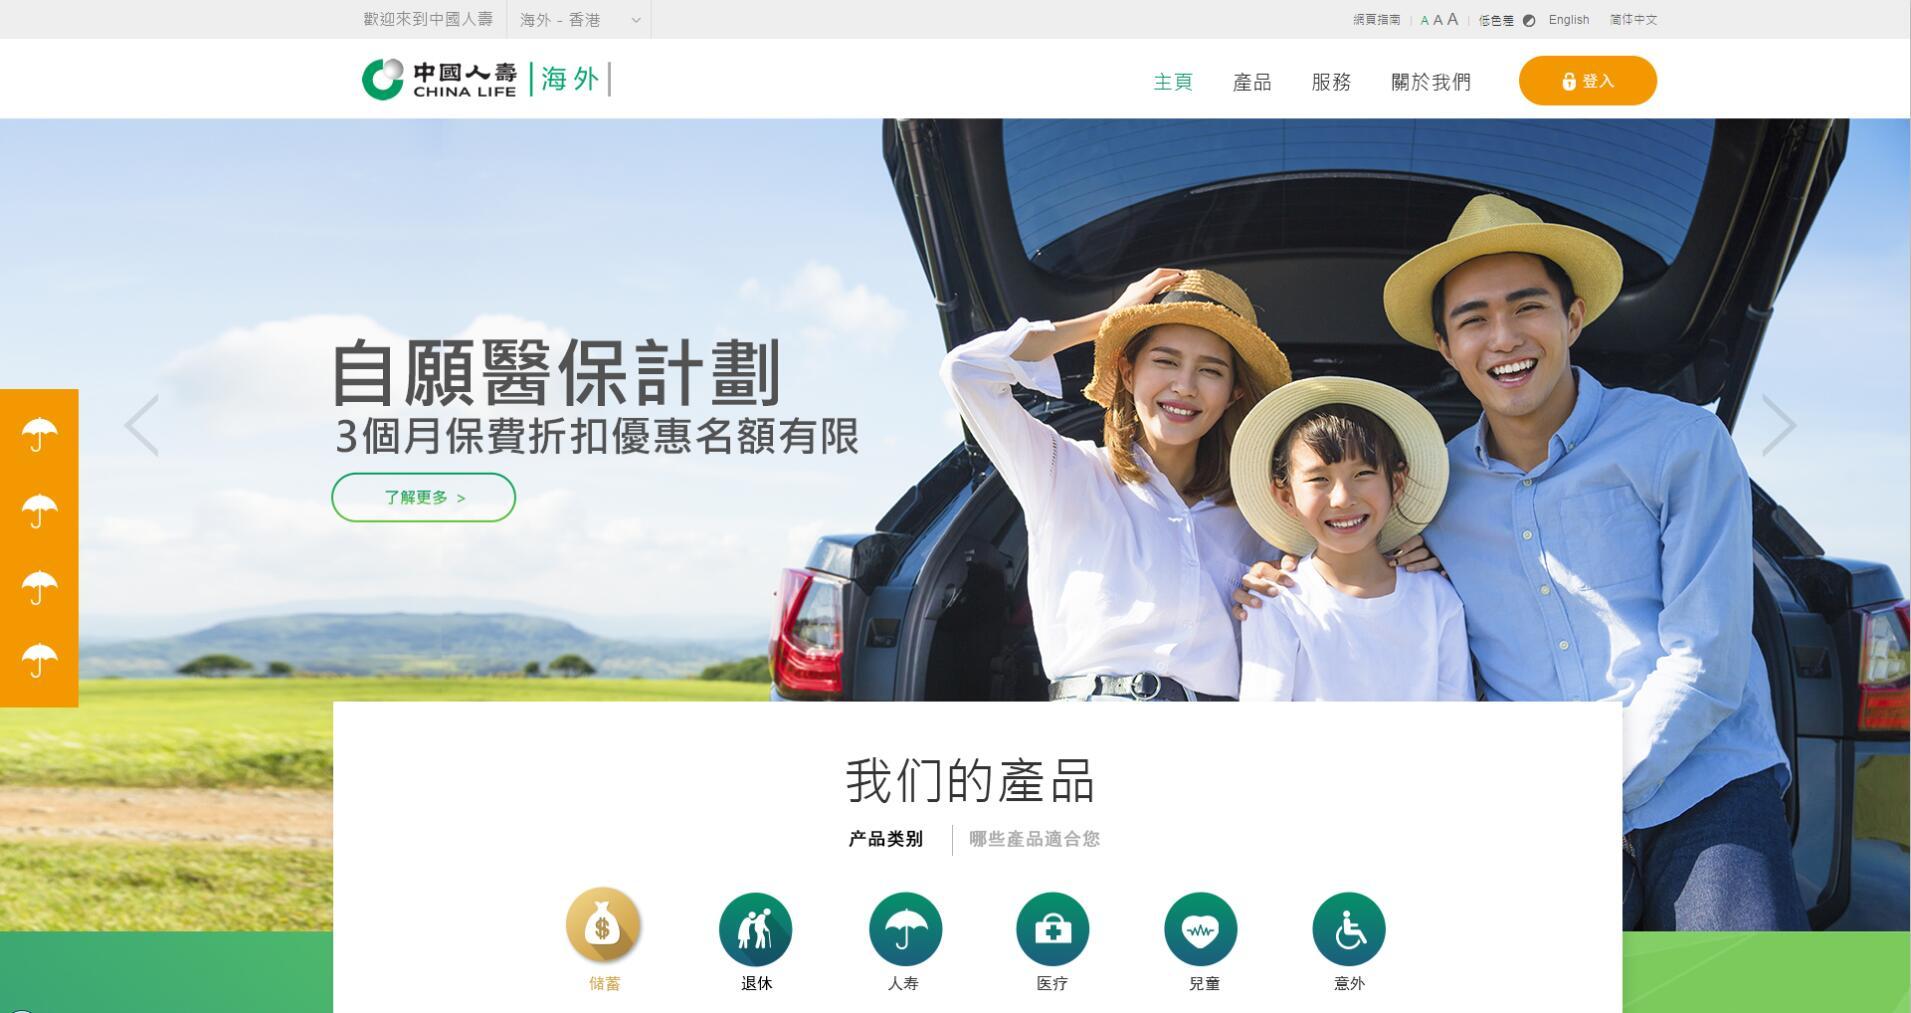 網站建設案(an)例(li)︰中國人壽